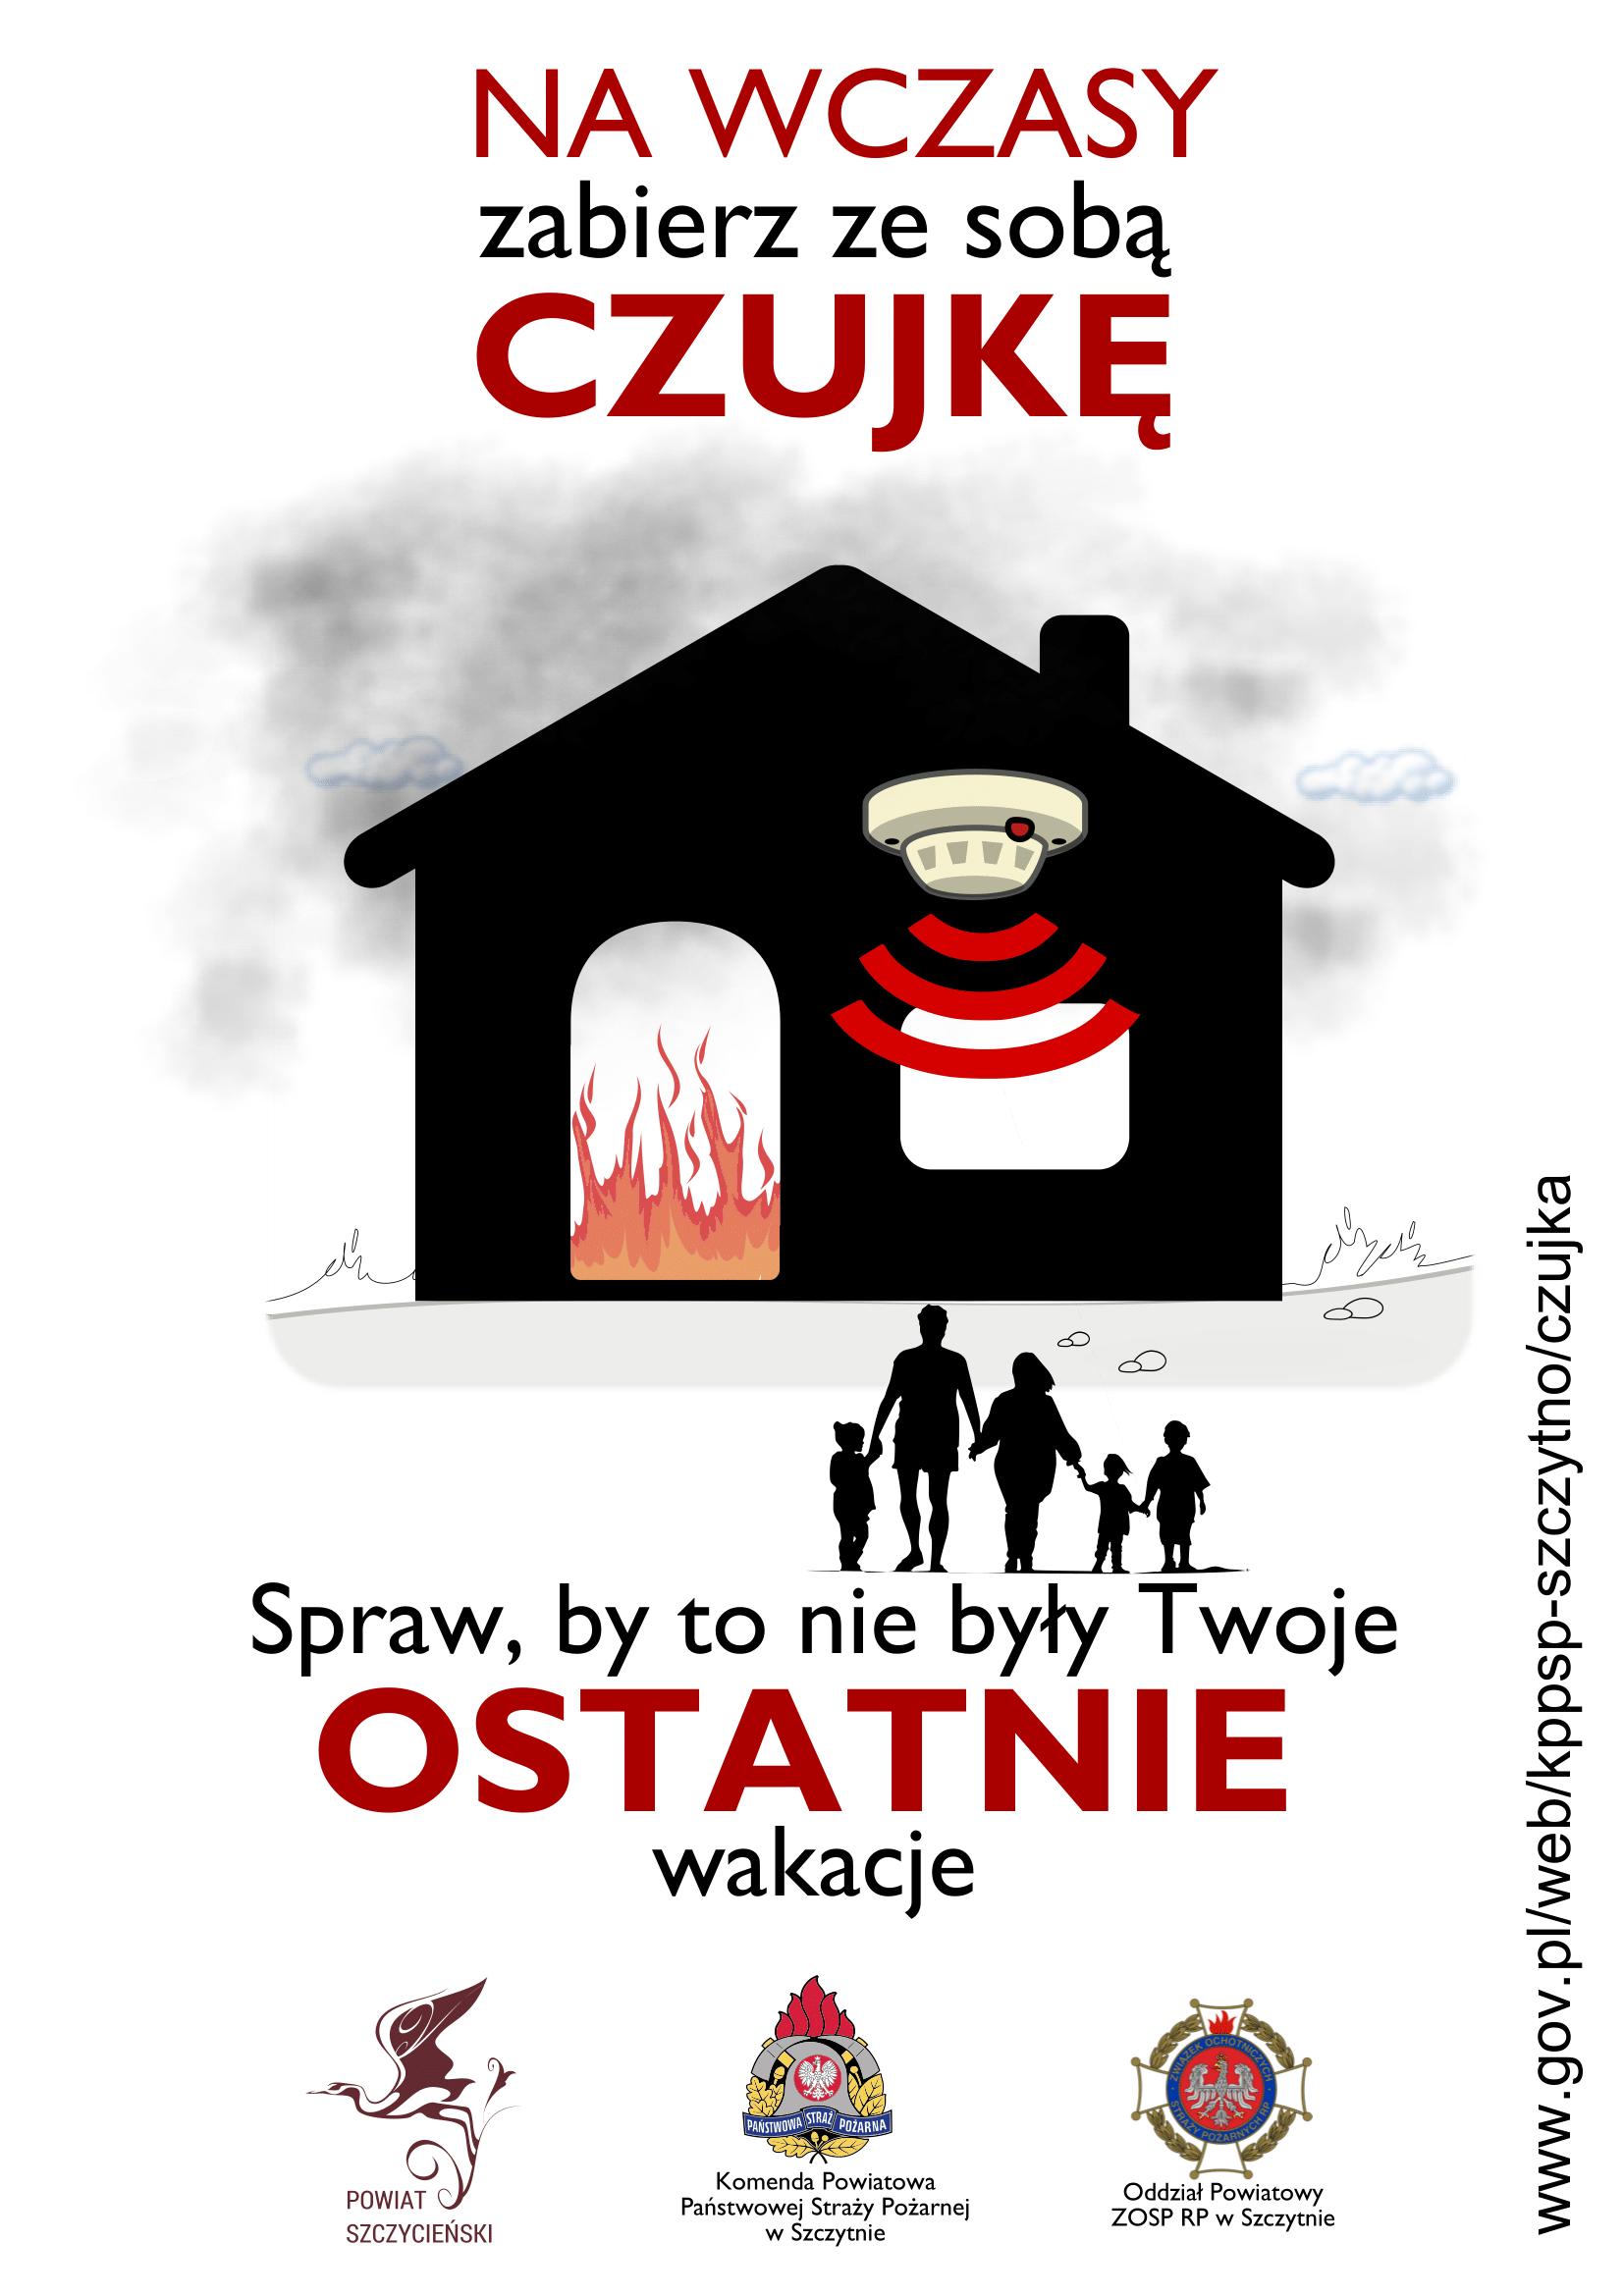 https://m.powiatszczycienski.pl/2021/07/orig/plakat-zabierz-czujke-na-wczasy-1-41816.png